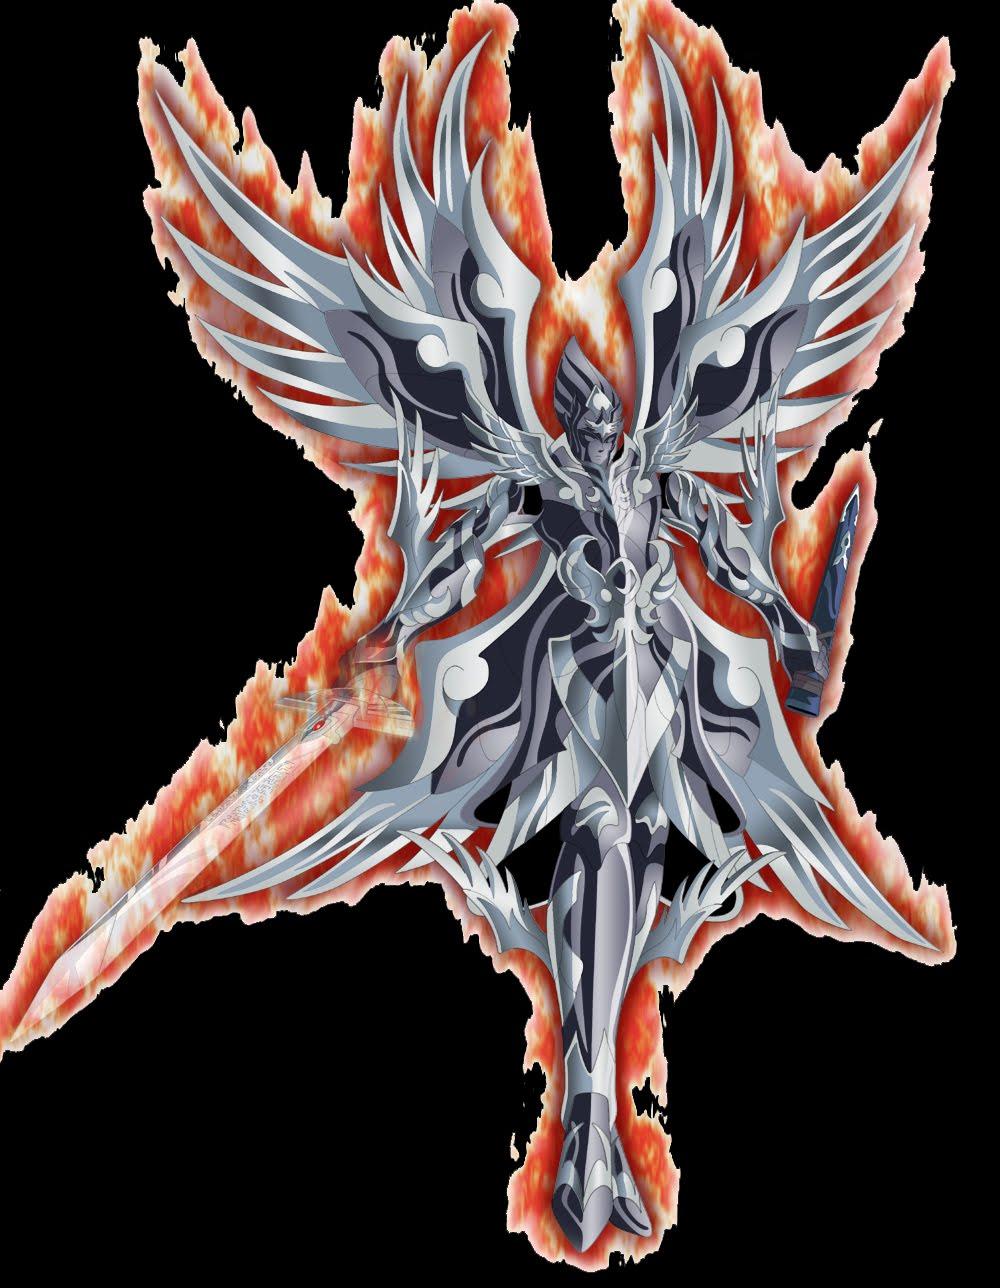 Reino de Hades: Jueces, Dioses Y Dios Hades Arman_virgo-hades